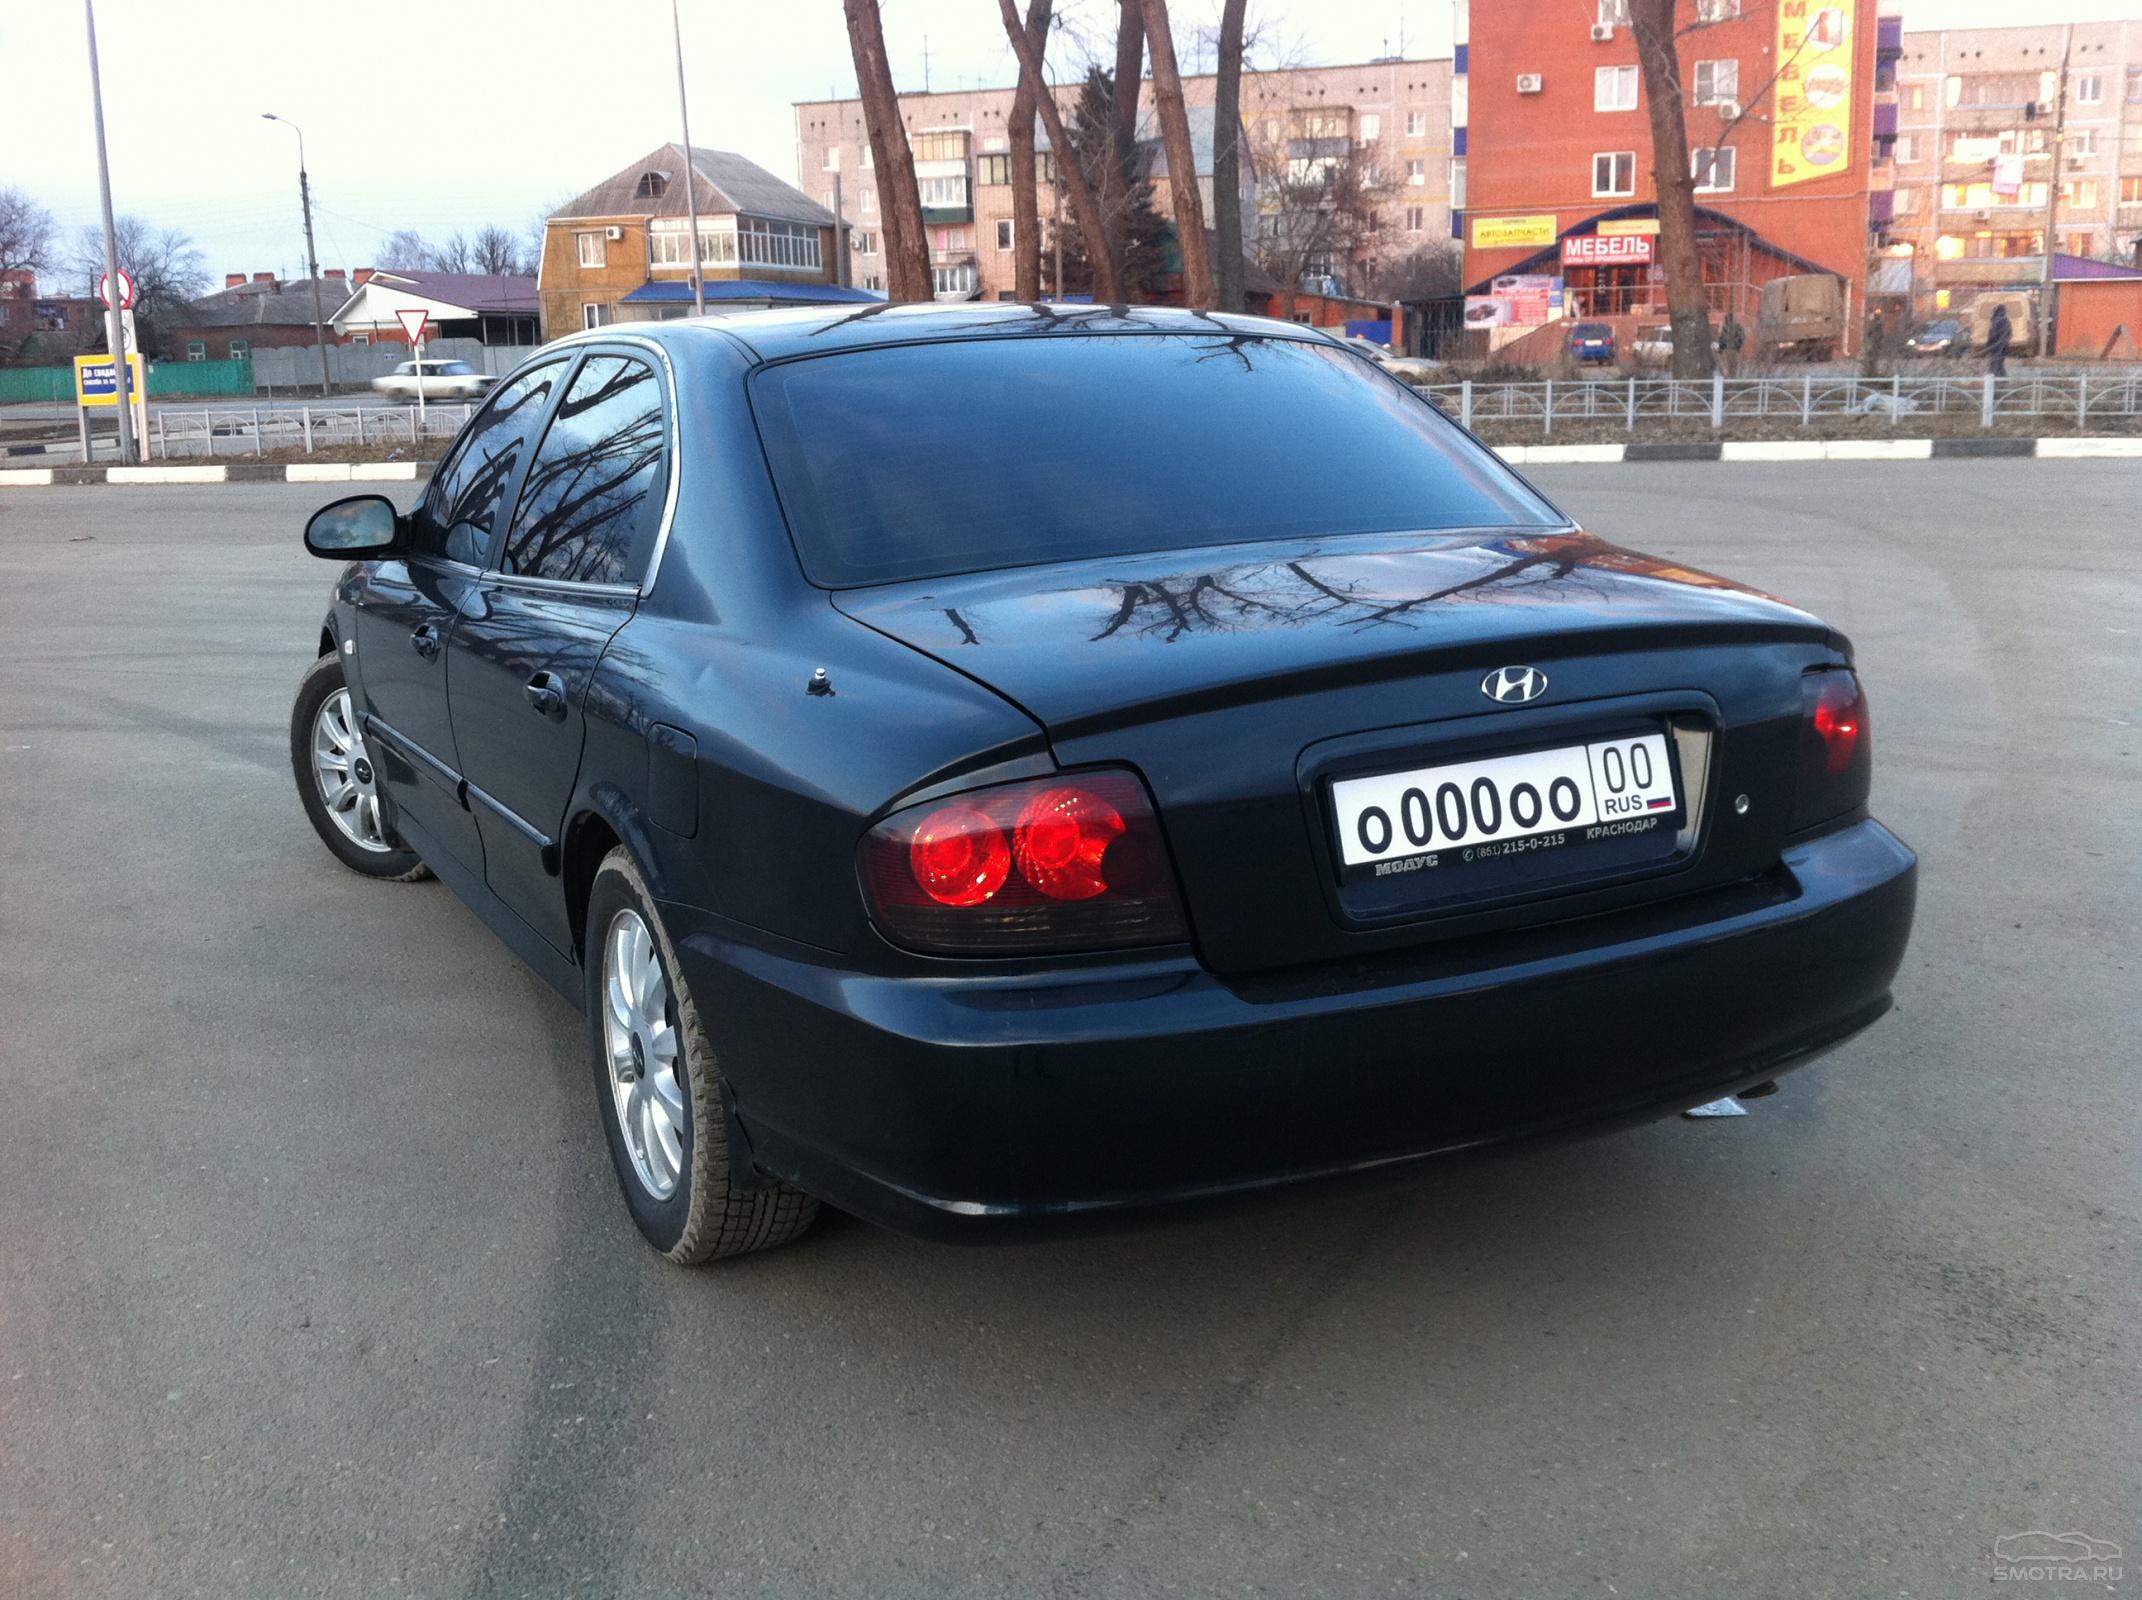 Грищенко объявил о намерении сократить количество автомобилей для чиновников